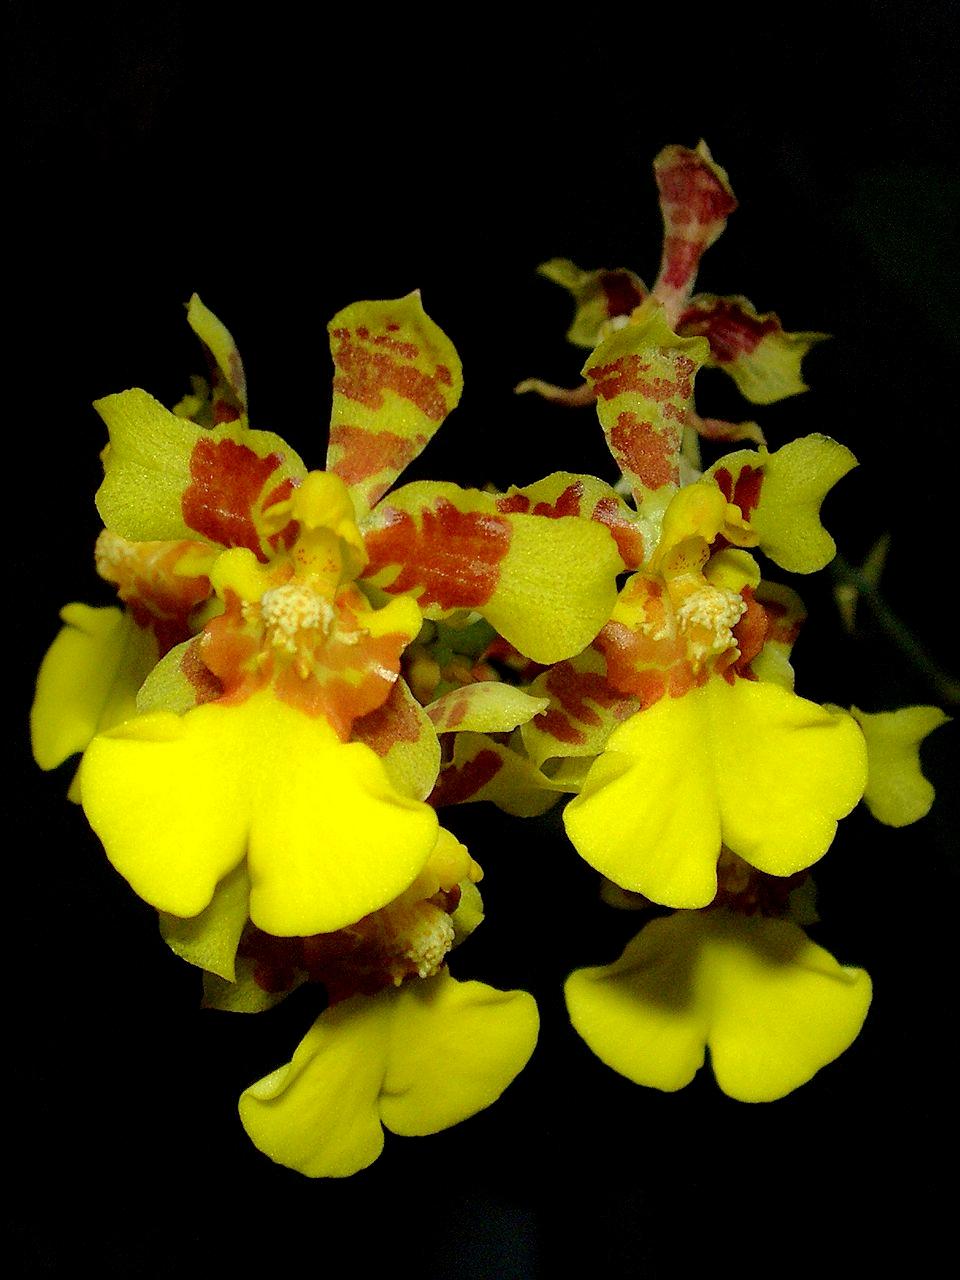 oncidium auriferum